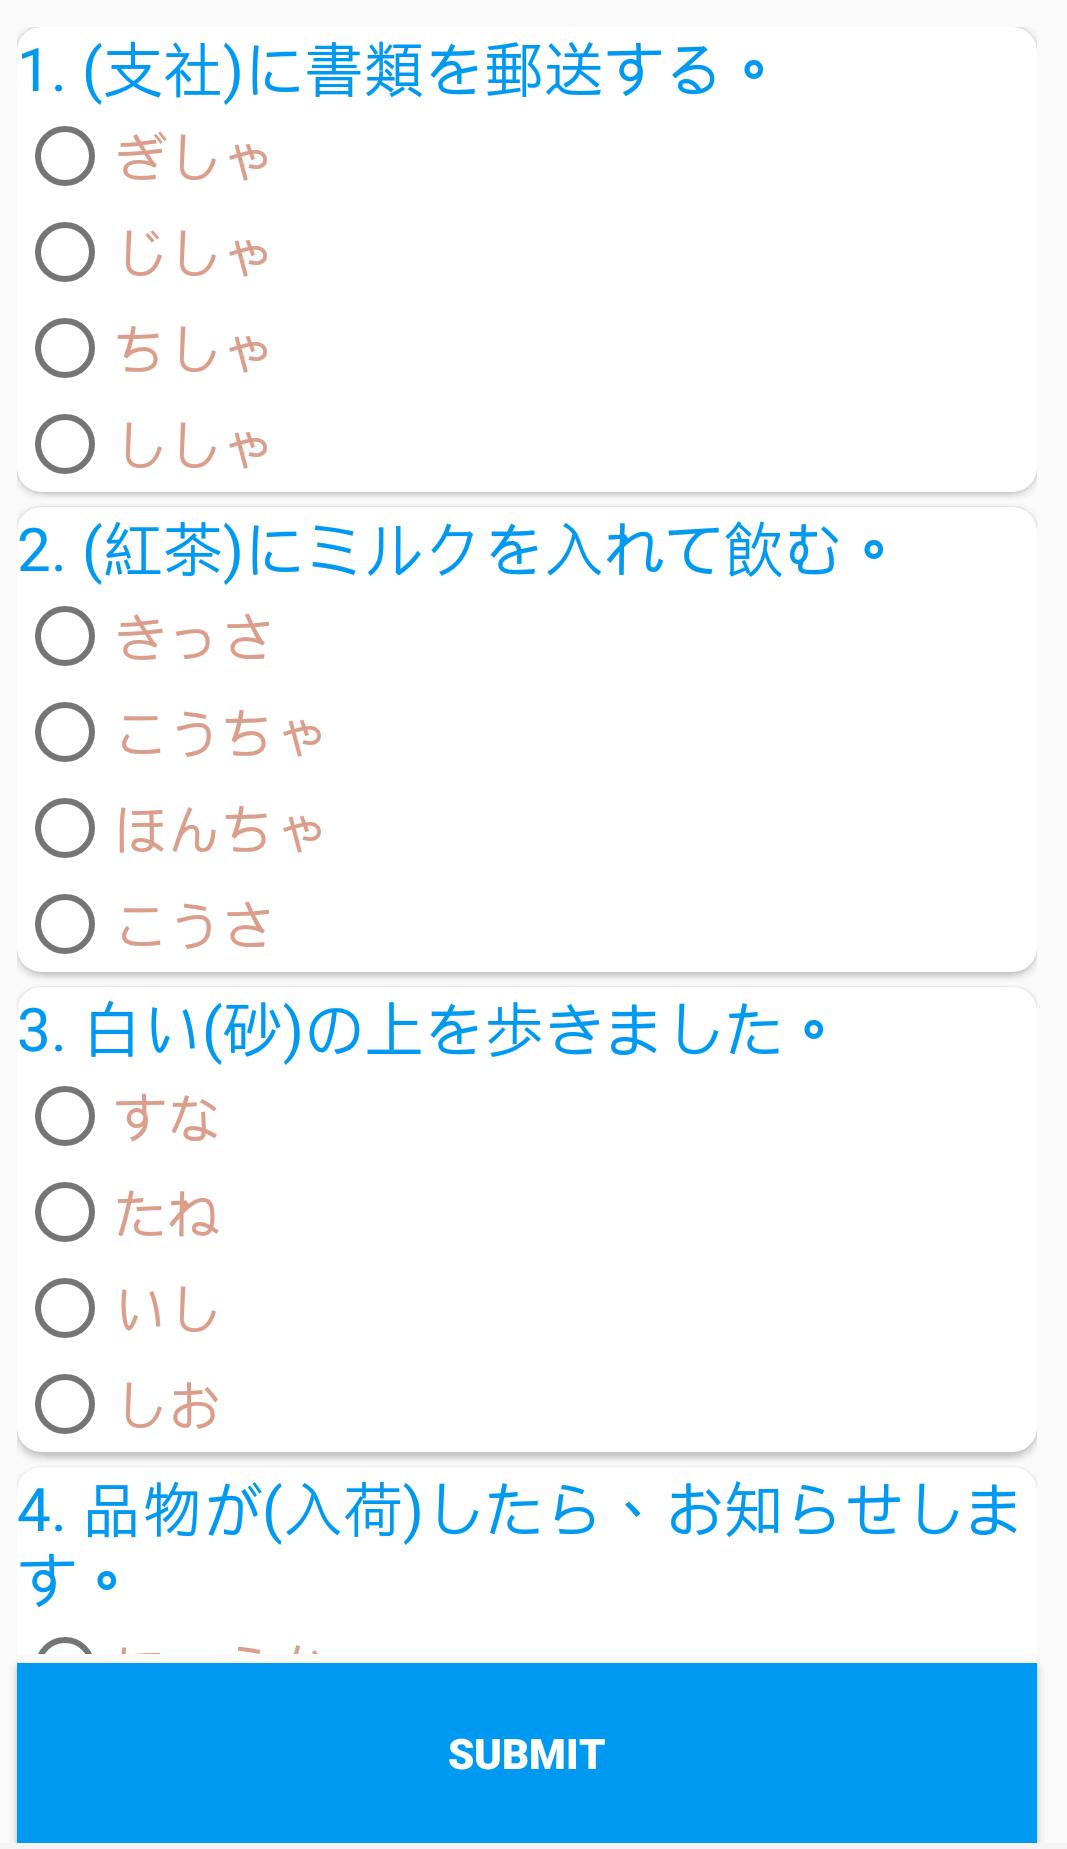 【日文學習】輕鬆學日文!7 個超實用的日文學習 App   Glossika 部落格